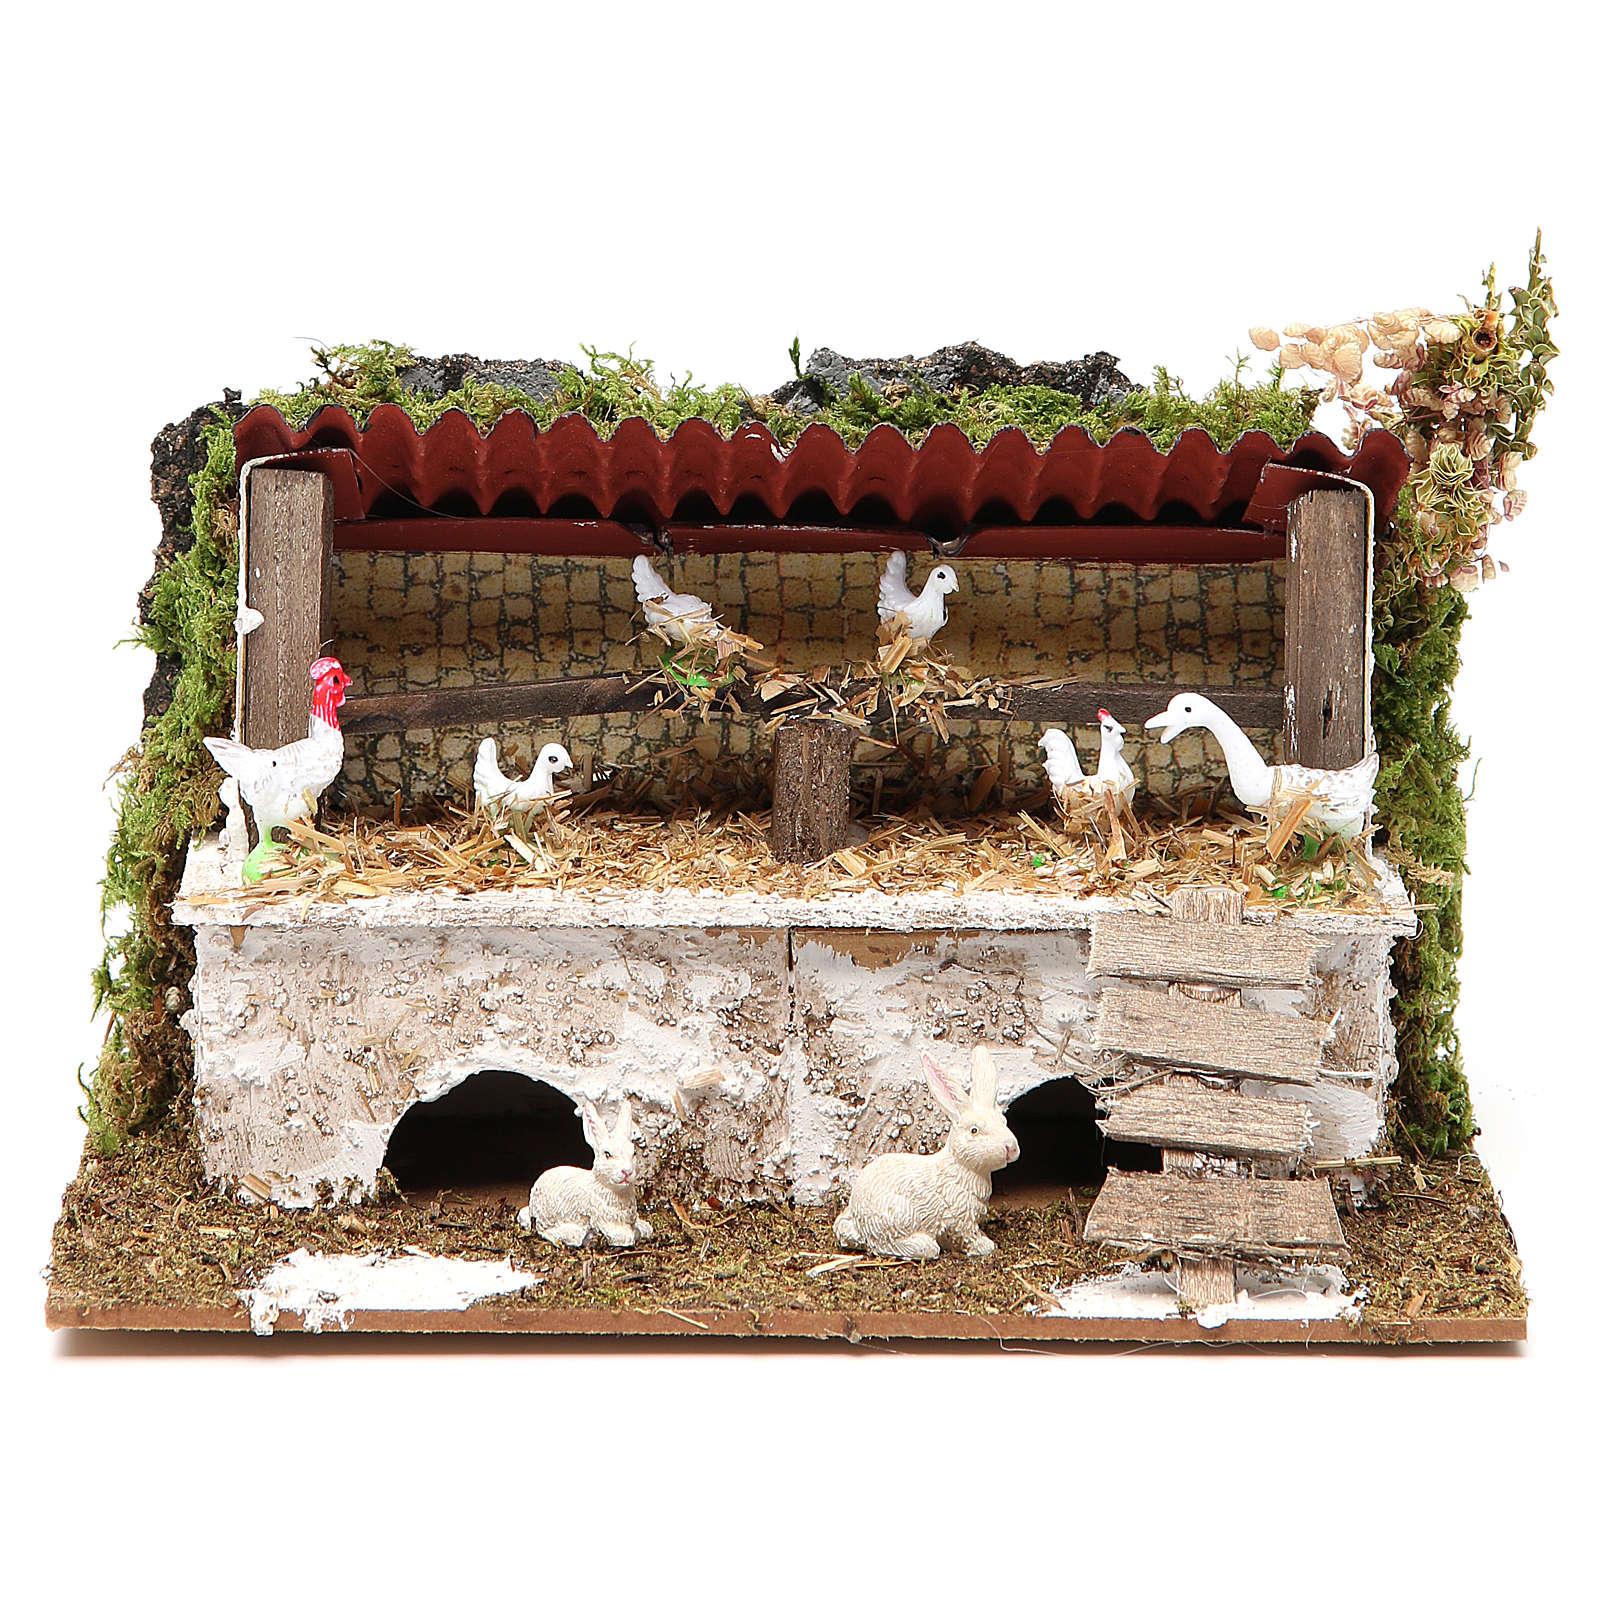 Étable crèche avec poules et lapins 12x20x14 cm 4